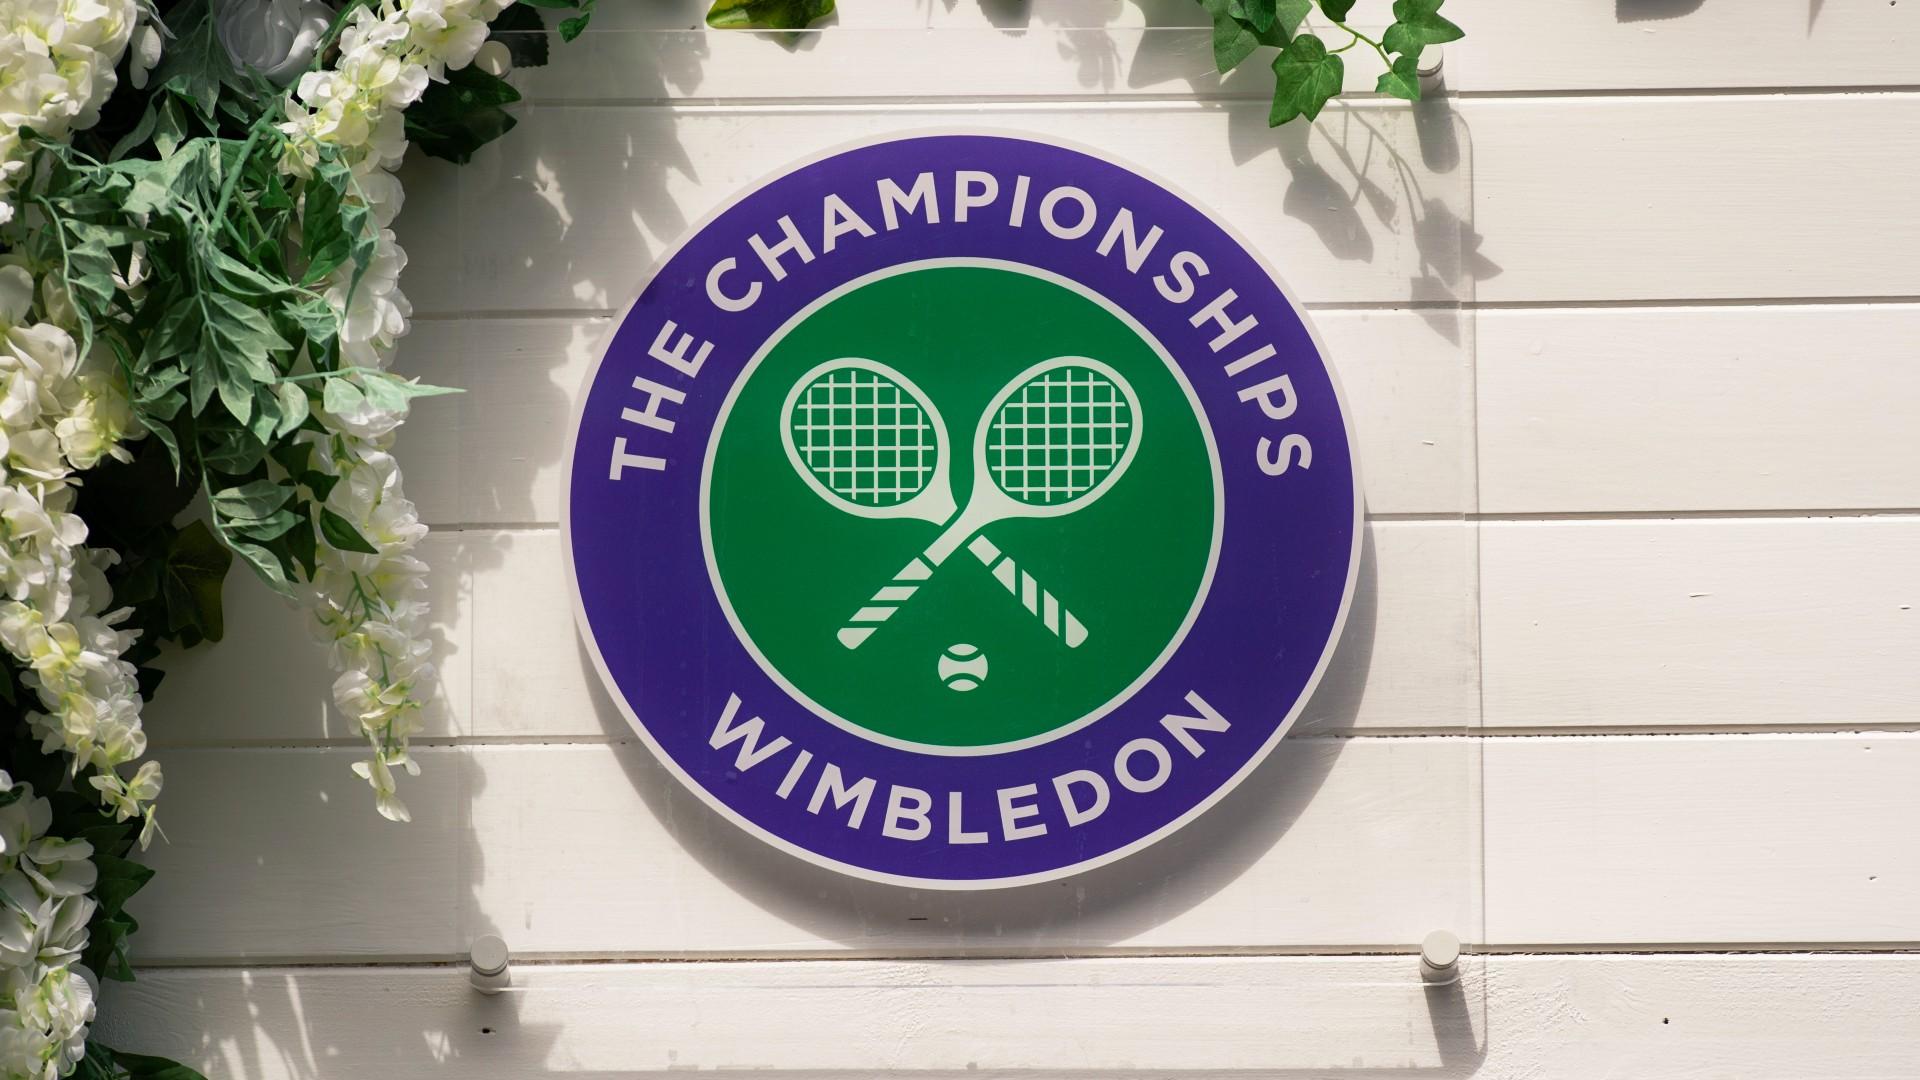 wimbledon-tennis-062421-getty-ftr.jpeg